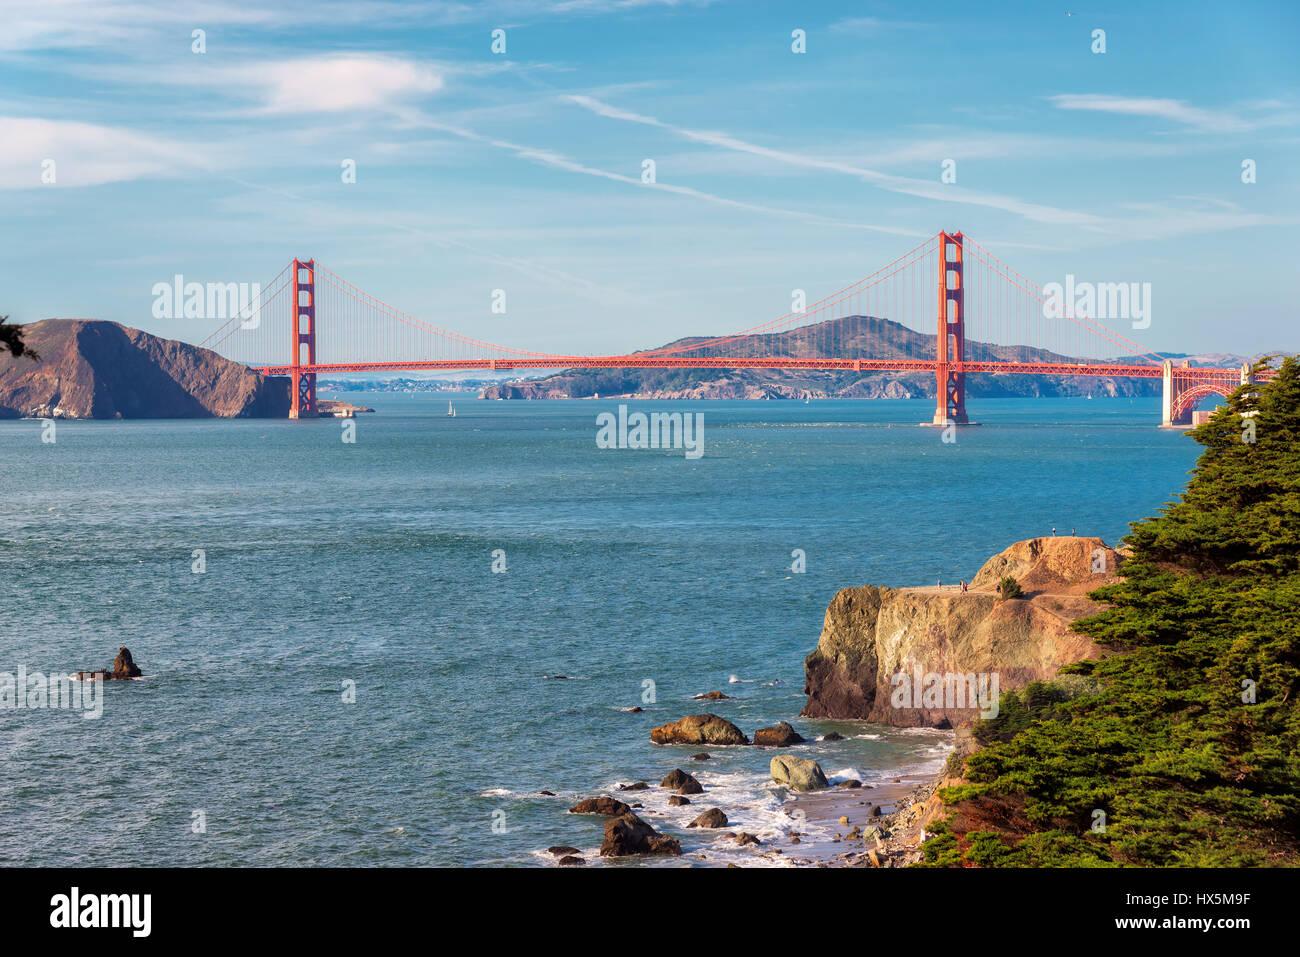 San Francisco beach e il Golden Gate Bridge a sunrise, California. Immagini Stock